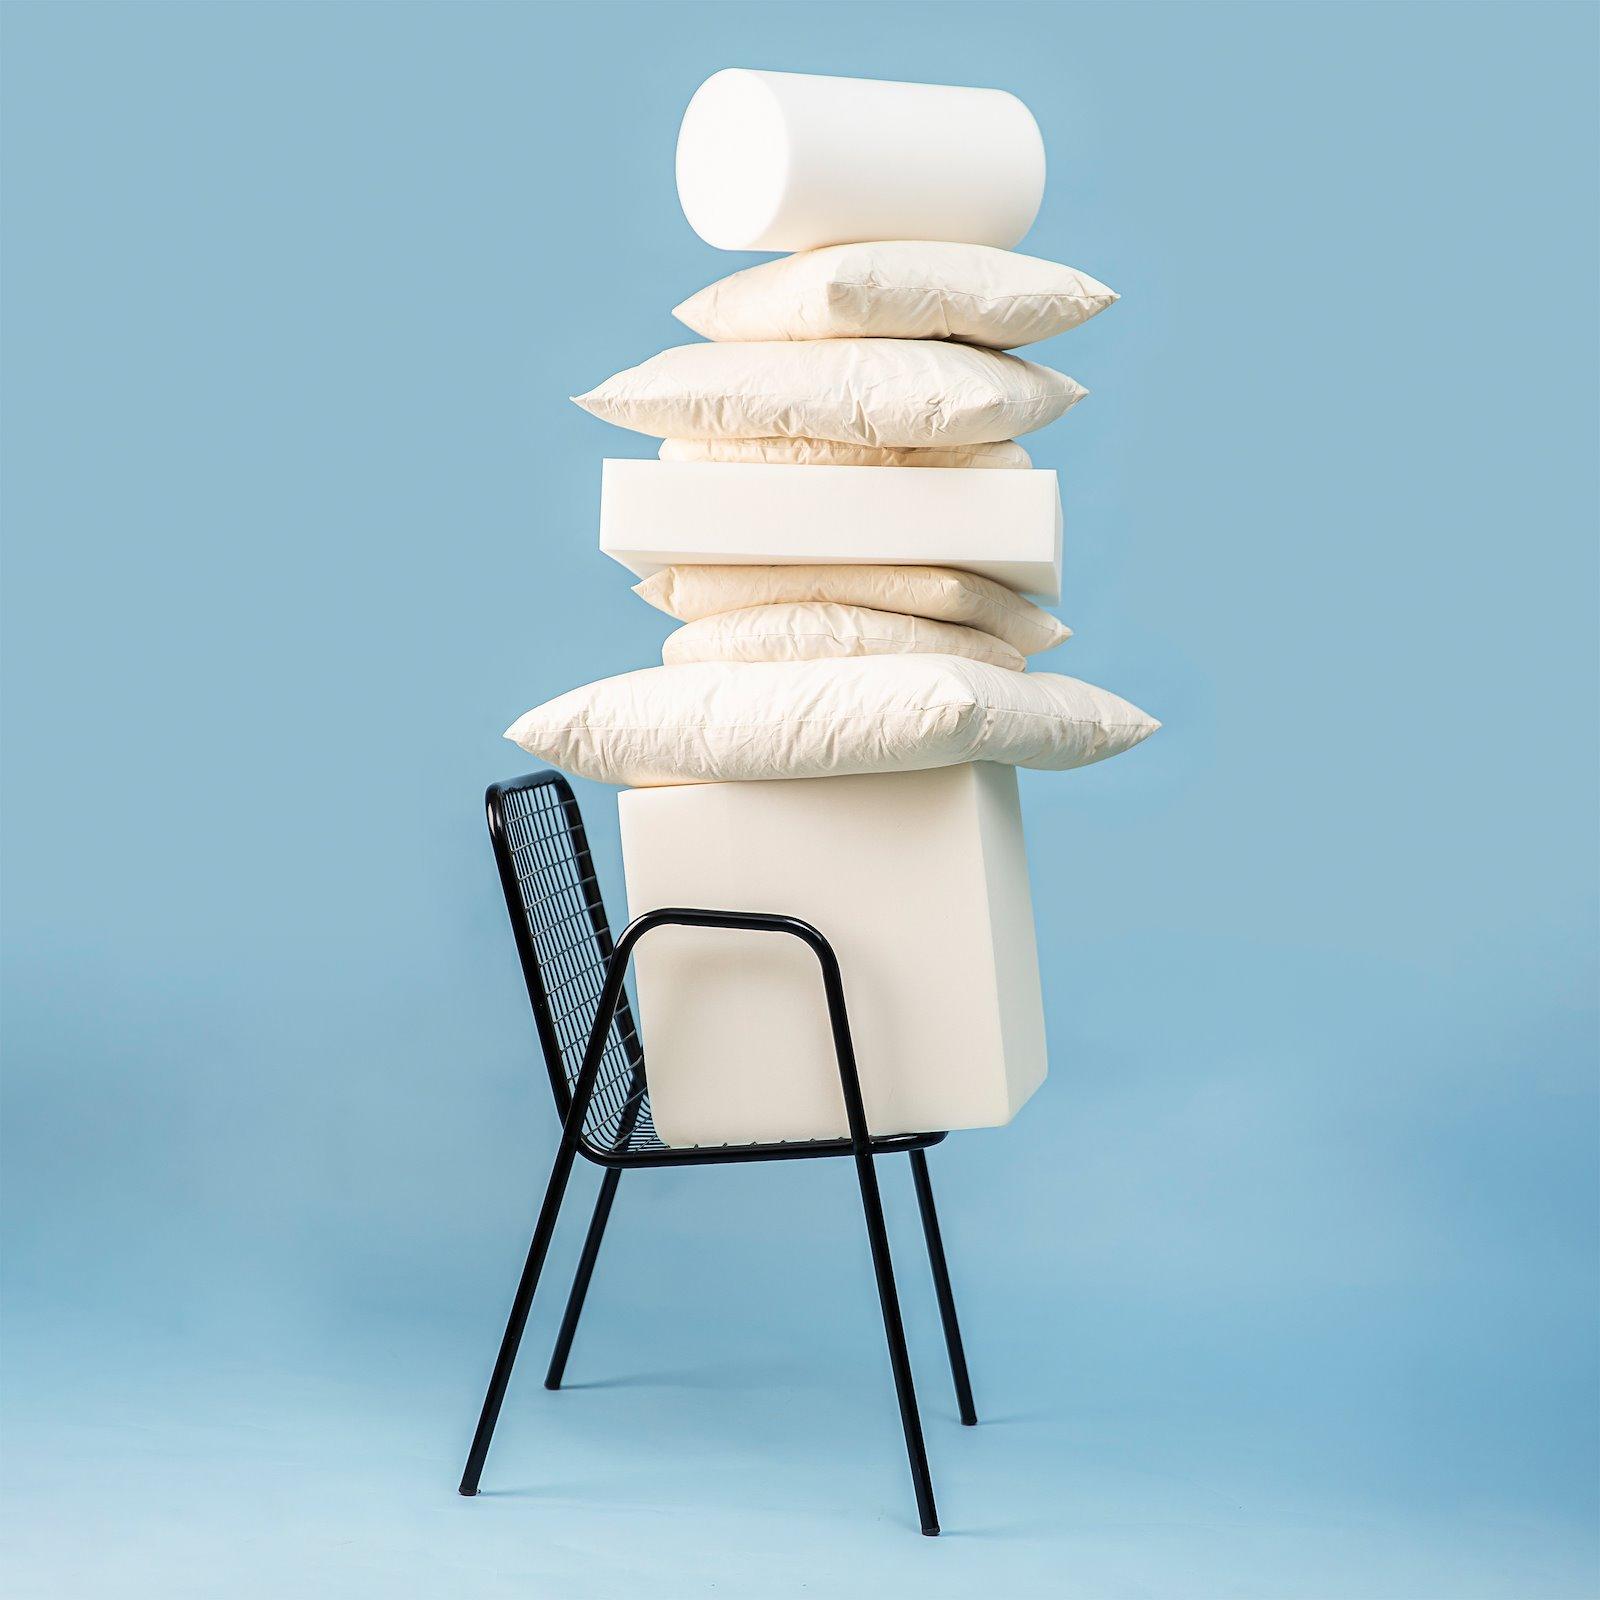 Cube high resilient foam 40x40x40cm 38080061_38080002_38098050_38070048_38070045_38070061_38070050_38070060_bundle